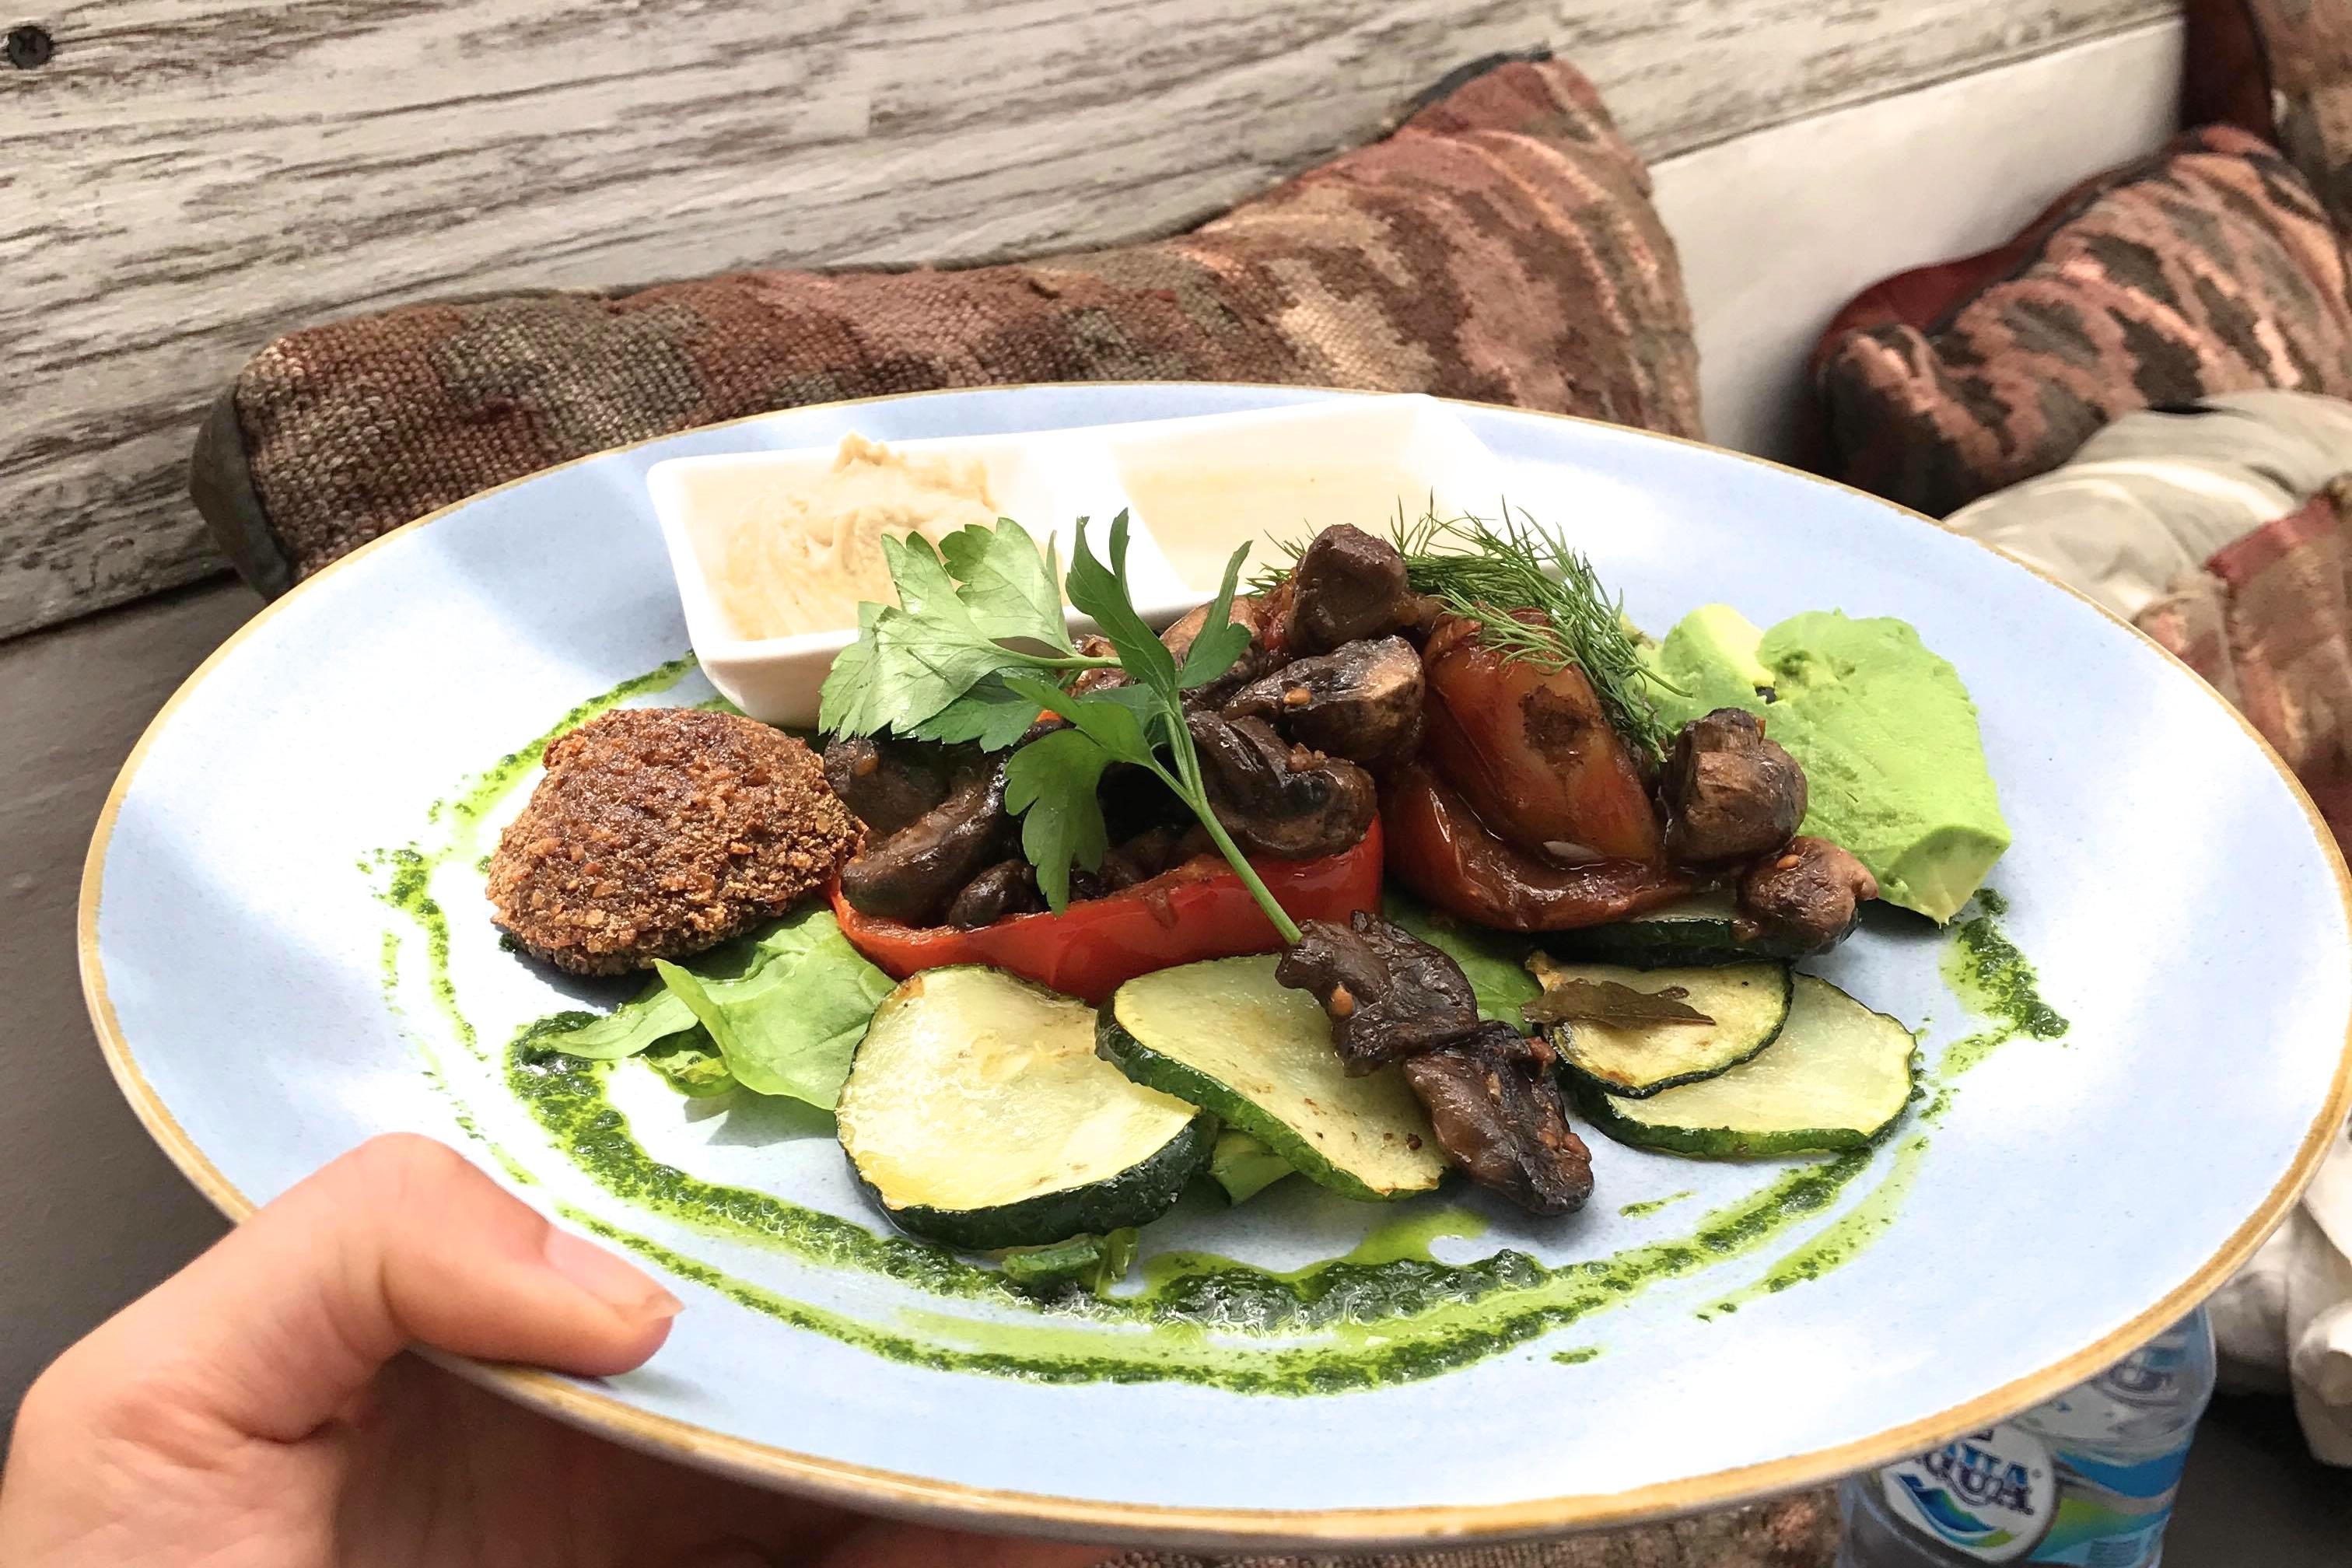 cafe organic falafel recette healthy bonne adresse healthy canggu bali